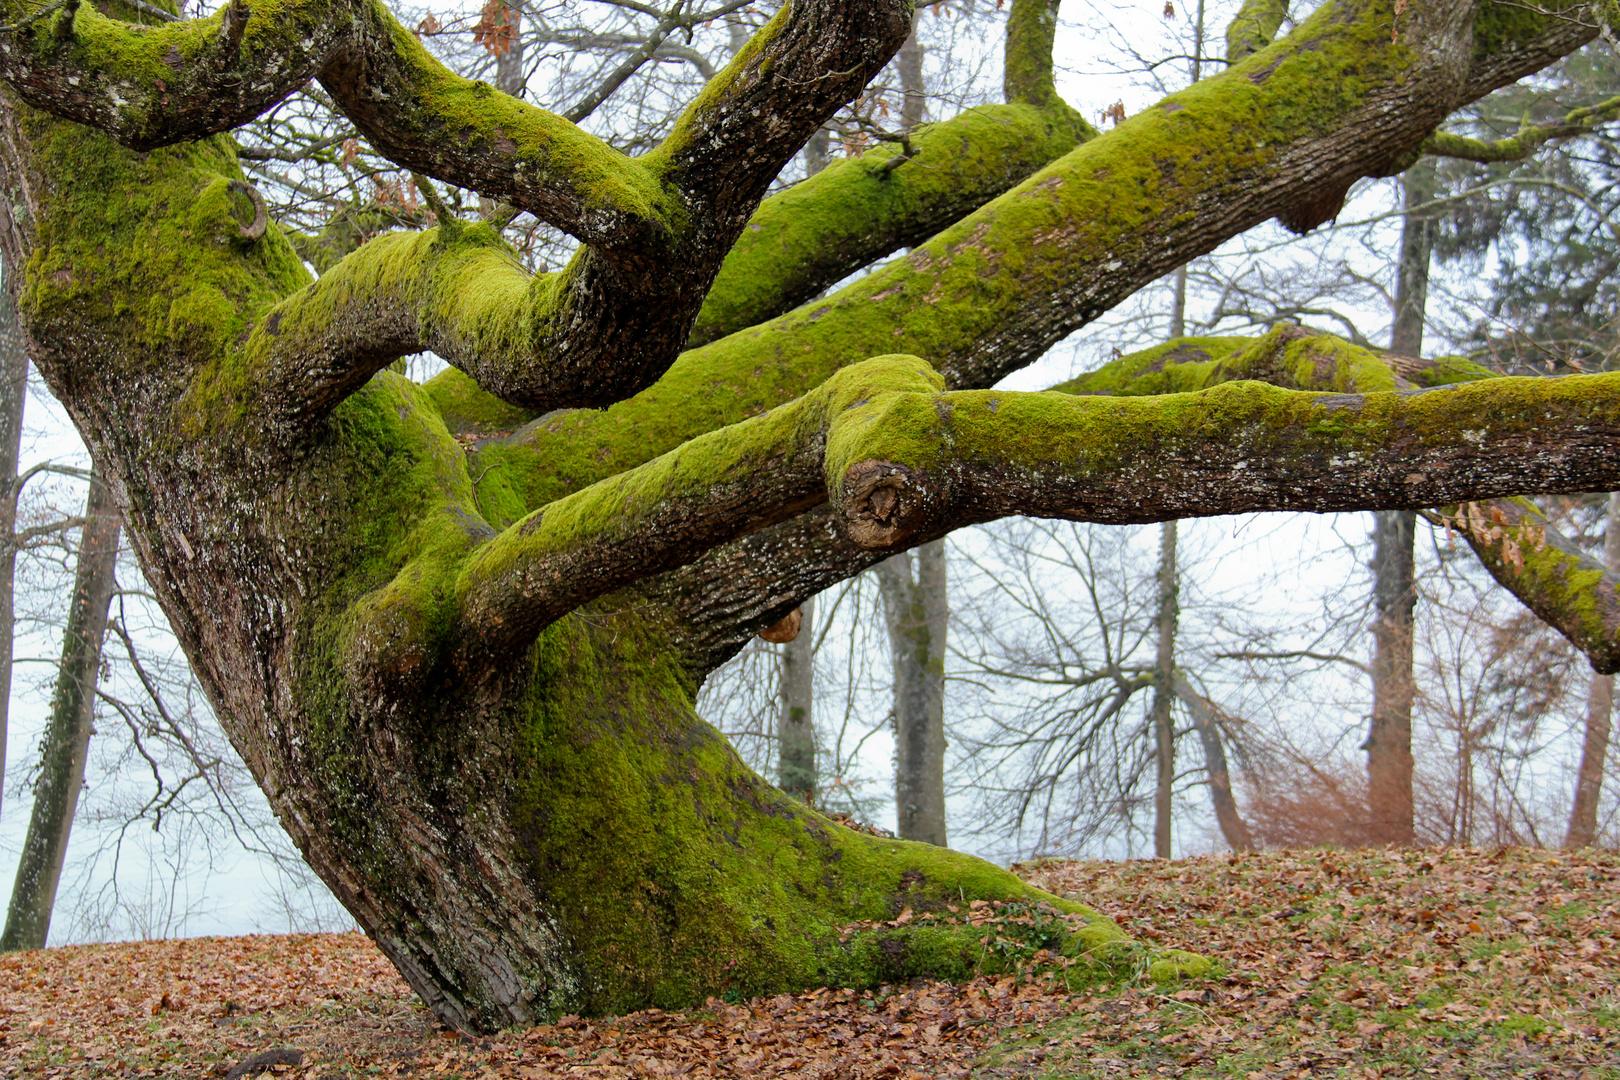 Laublos grün